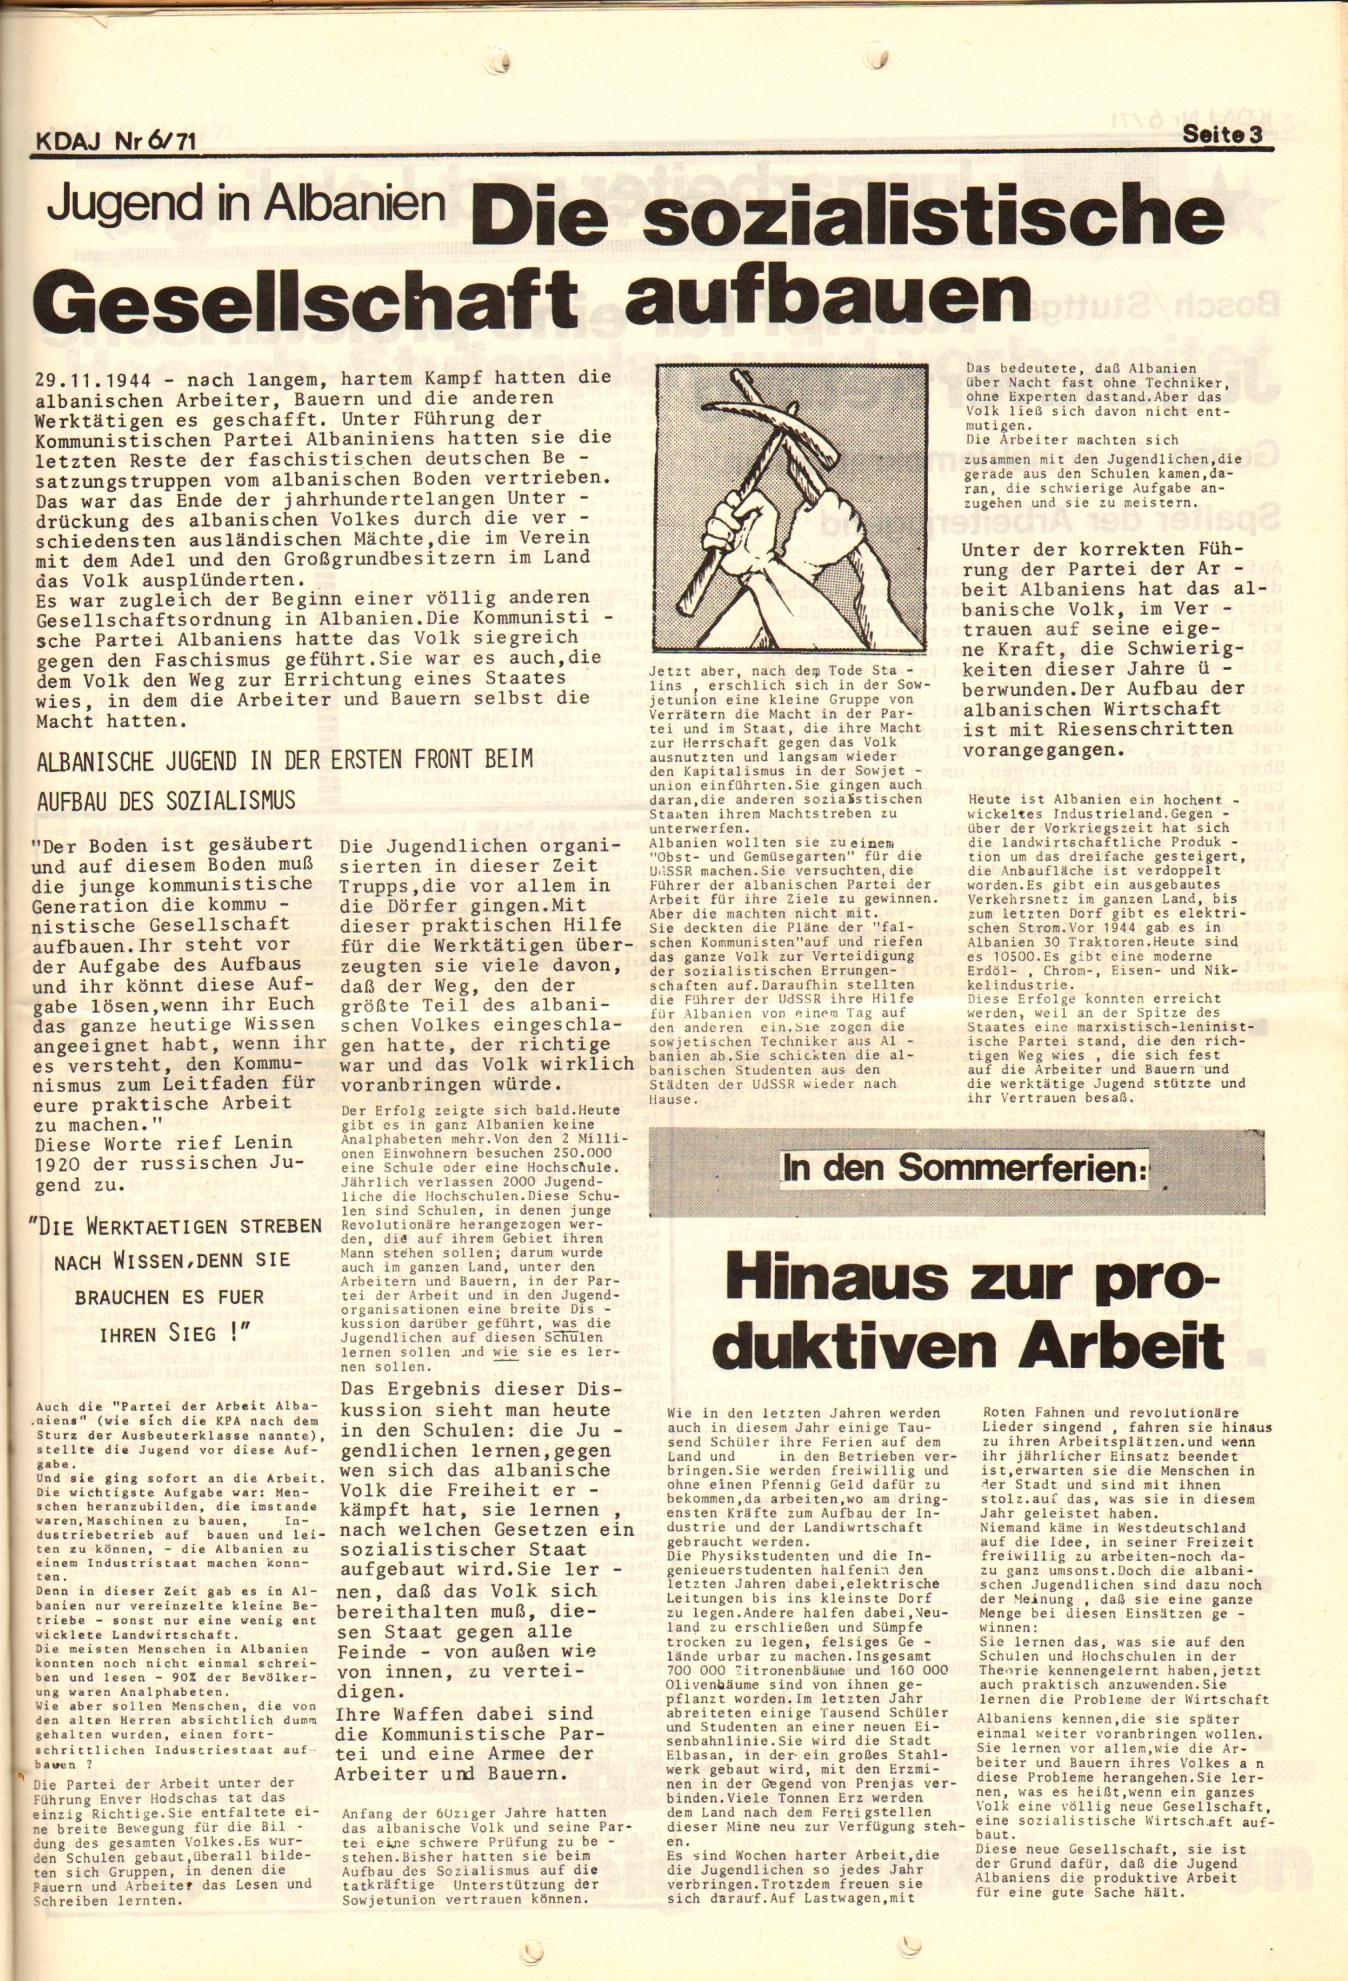 KDAJ, 2. Jg., Juni 1971, Nr. 6, Seite 3